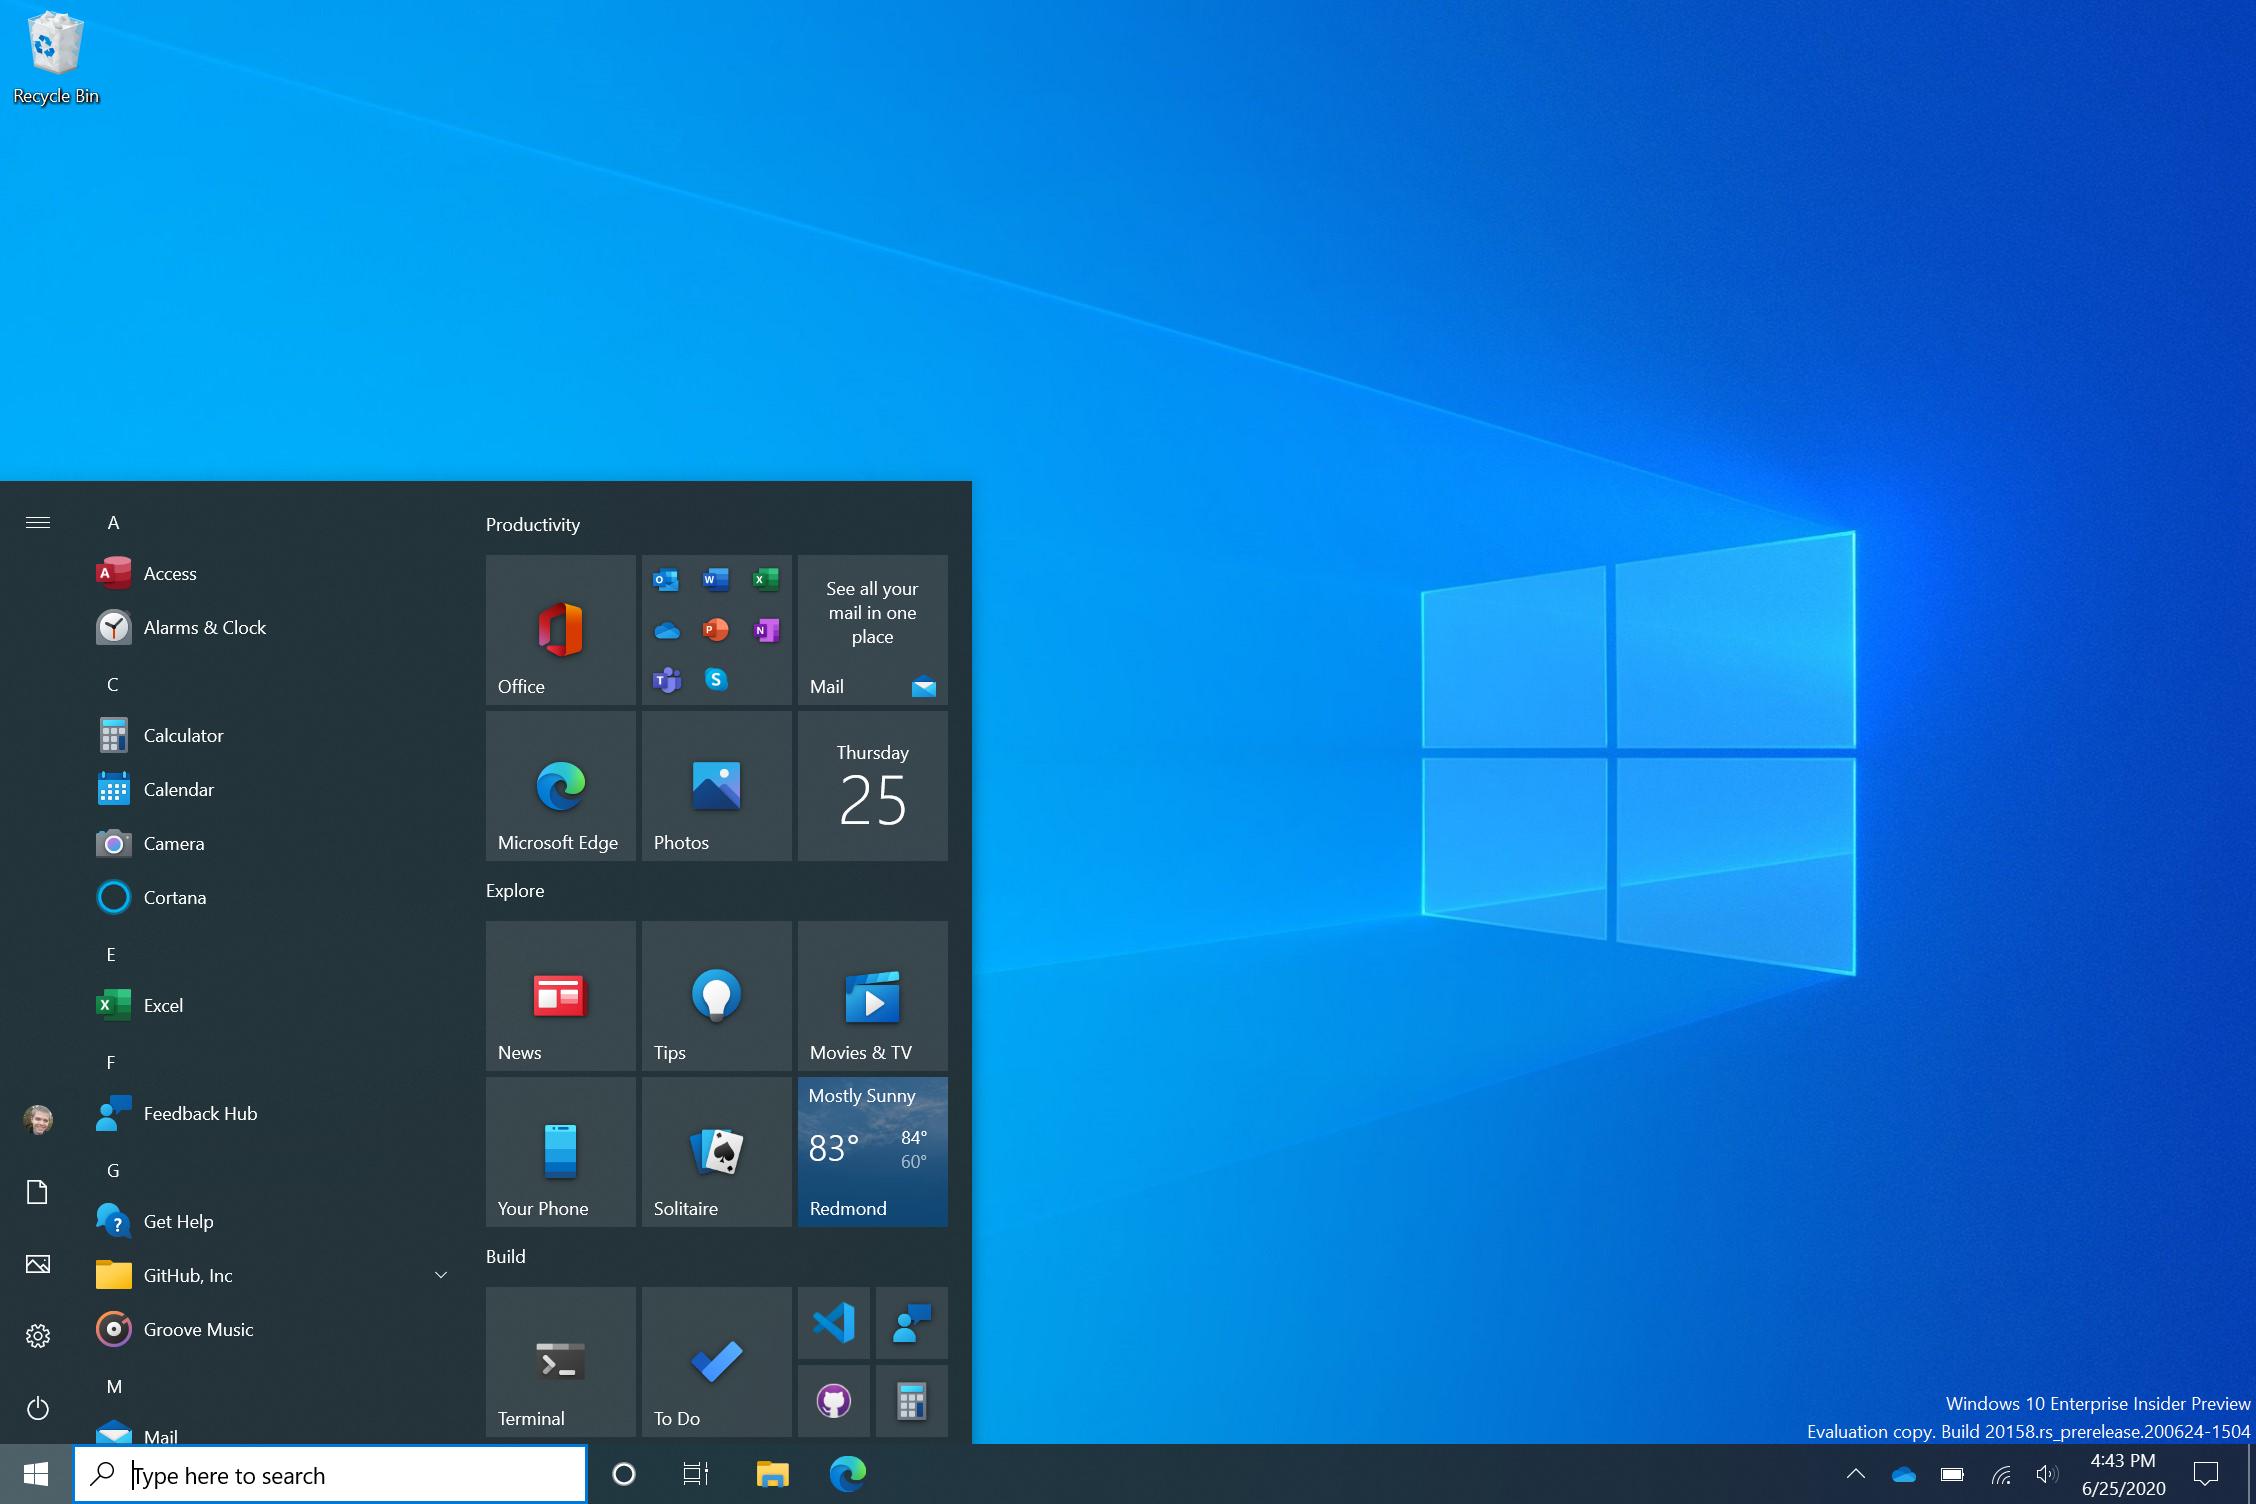 новый пуск windows 10